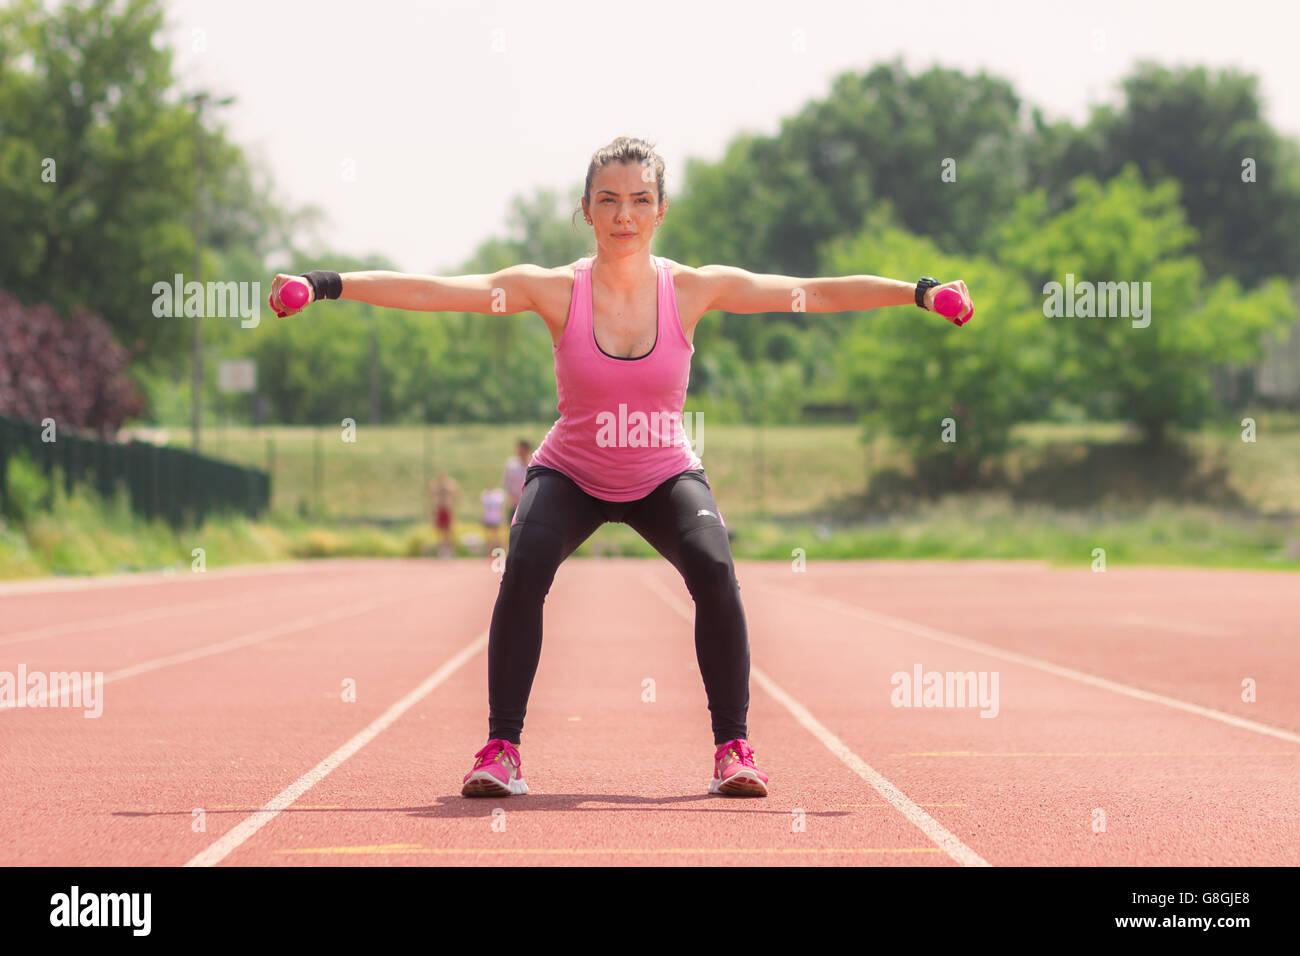 Athlète fille poids squat rouge d'une piste de course Photo Stock